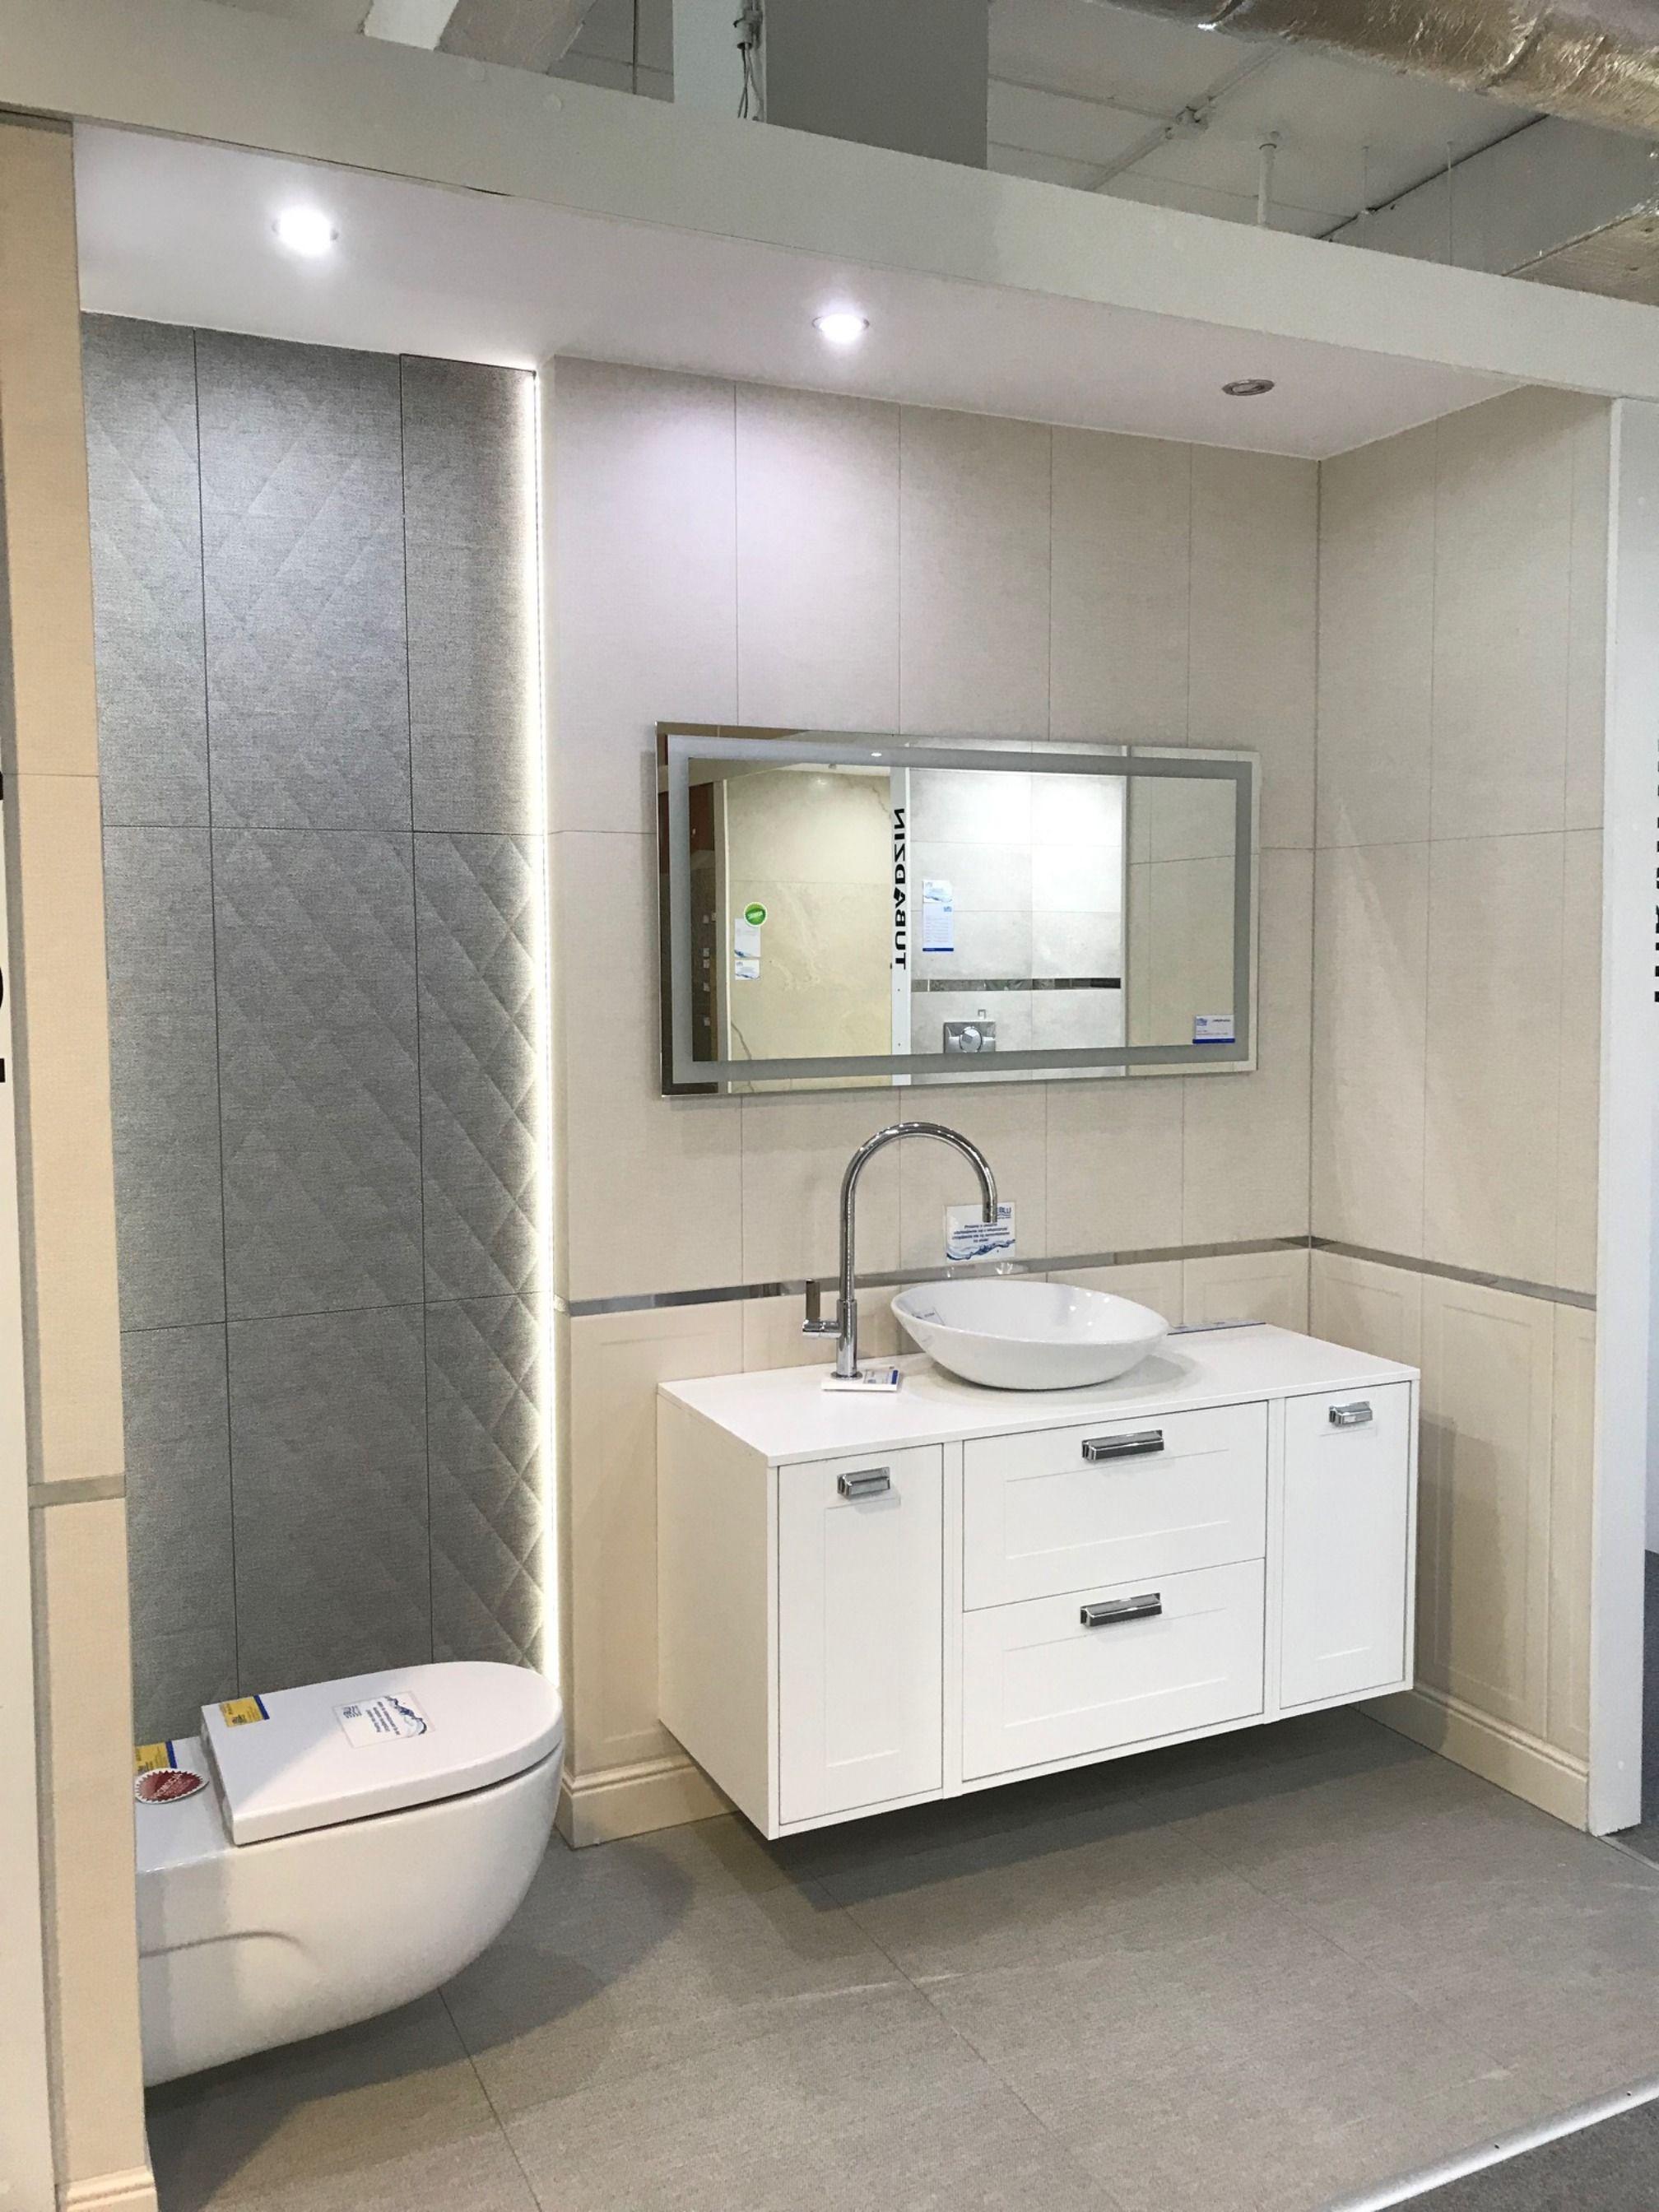 Kolekcja Mebli Lazienkowych Inge New W Blu Salon Lazienek Rumia Naszemeblenaszapasja Elitameble Lighted Bathroom Mirror Bathroom Mirror Bathroom Lighting